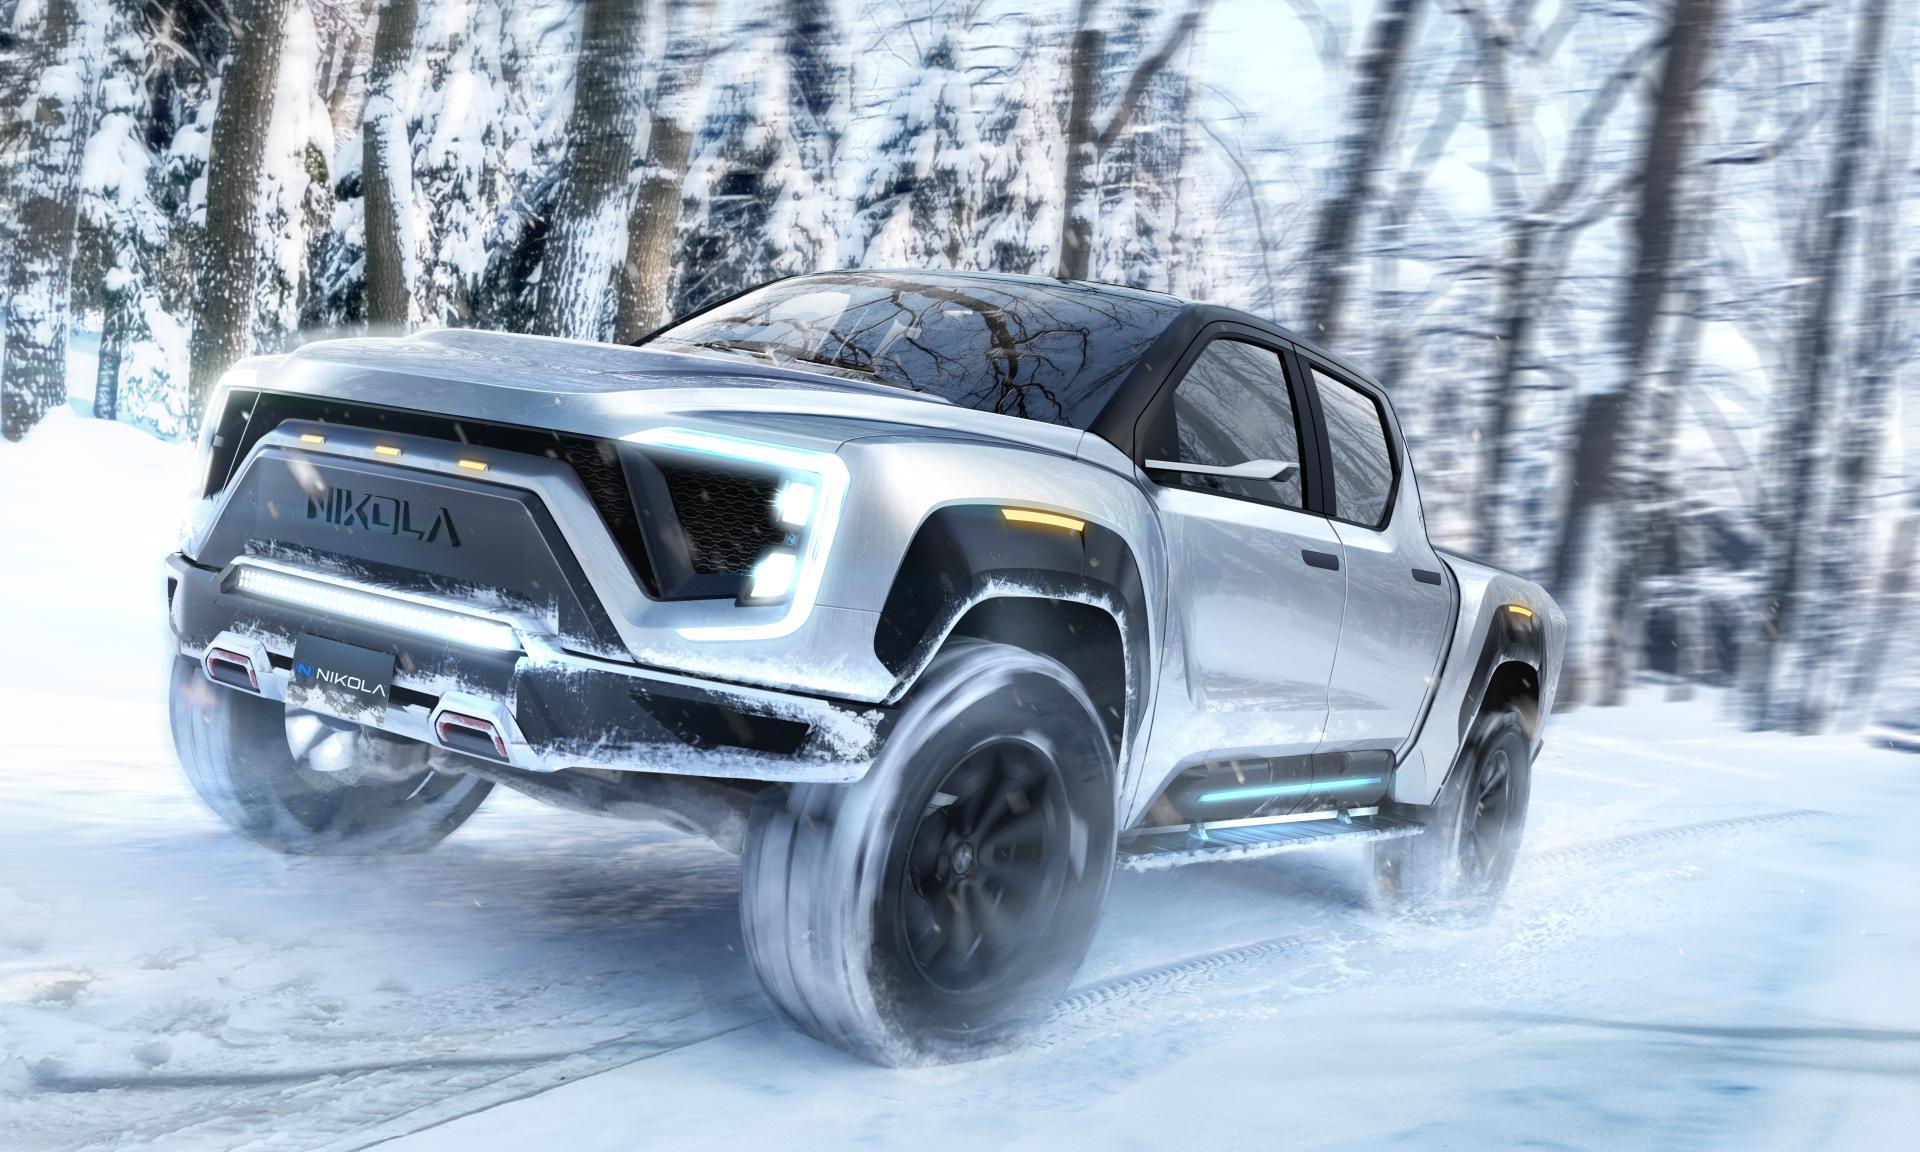 Nikola Badger: Elektro-Pickup-Truck mit bis zu 965 km Reichweite